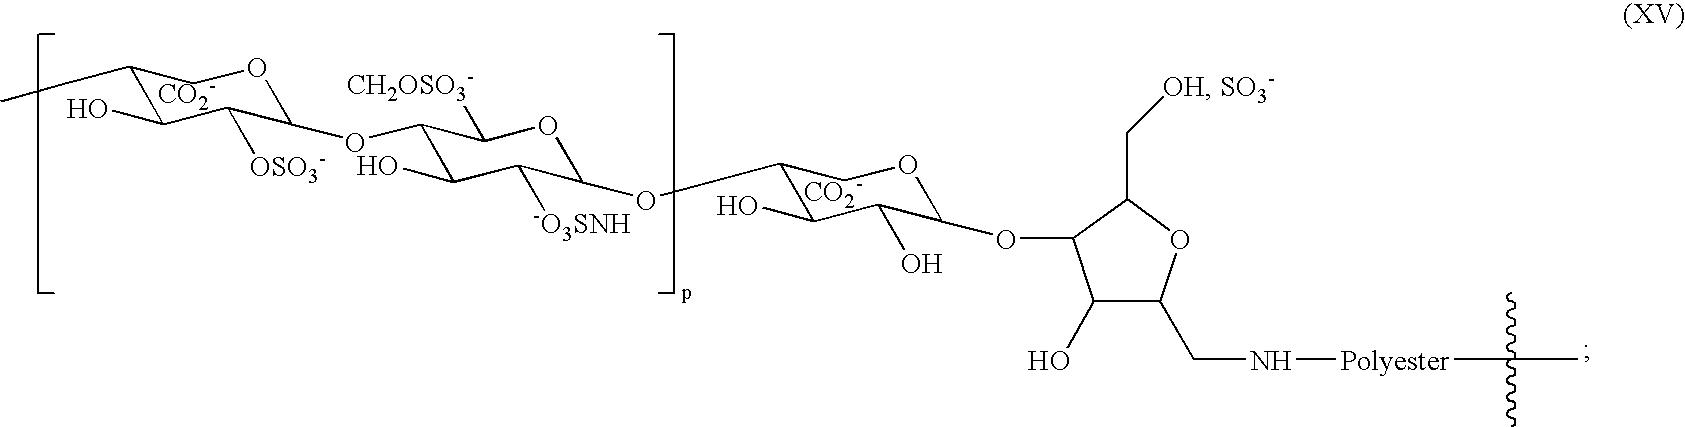 Figure US20060111546A1-20060525-C00017